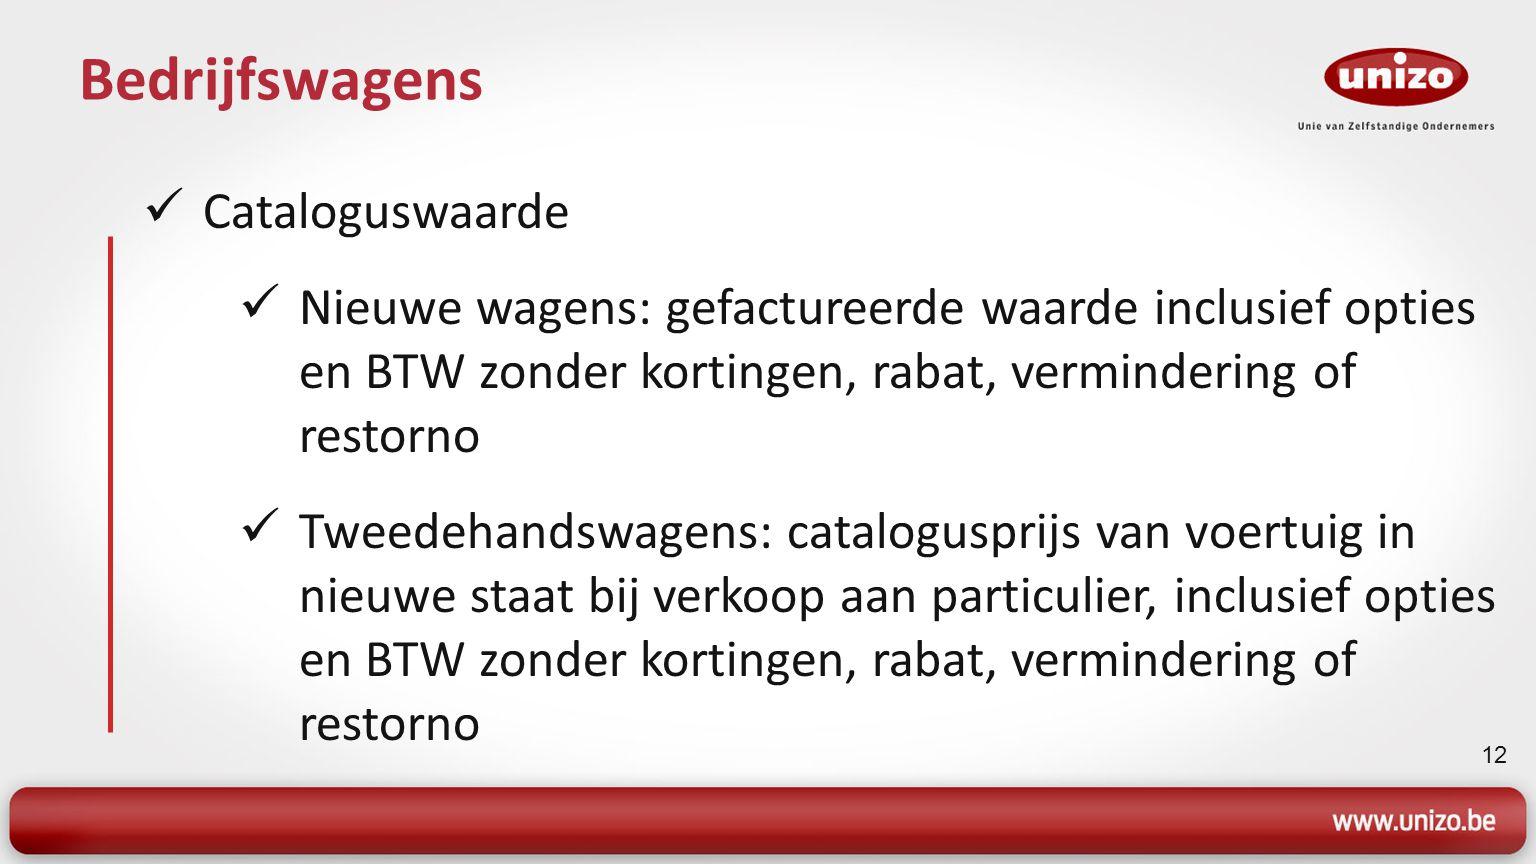 12 Bedrijfswagens Cataloguswaarde Nieuwe wagens: gefactureerde waarde inclusief opties en BTW zonder kortingen, rabat, vermindering of restorno Tweede